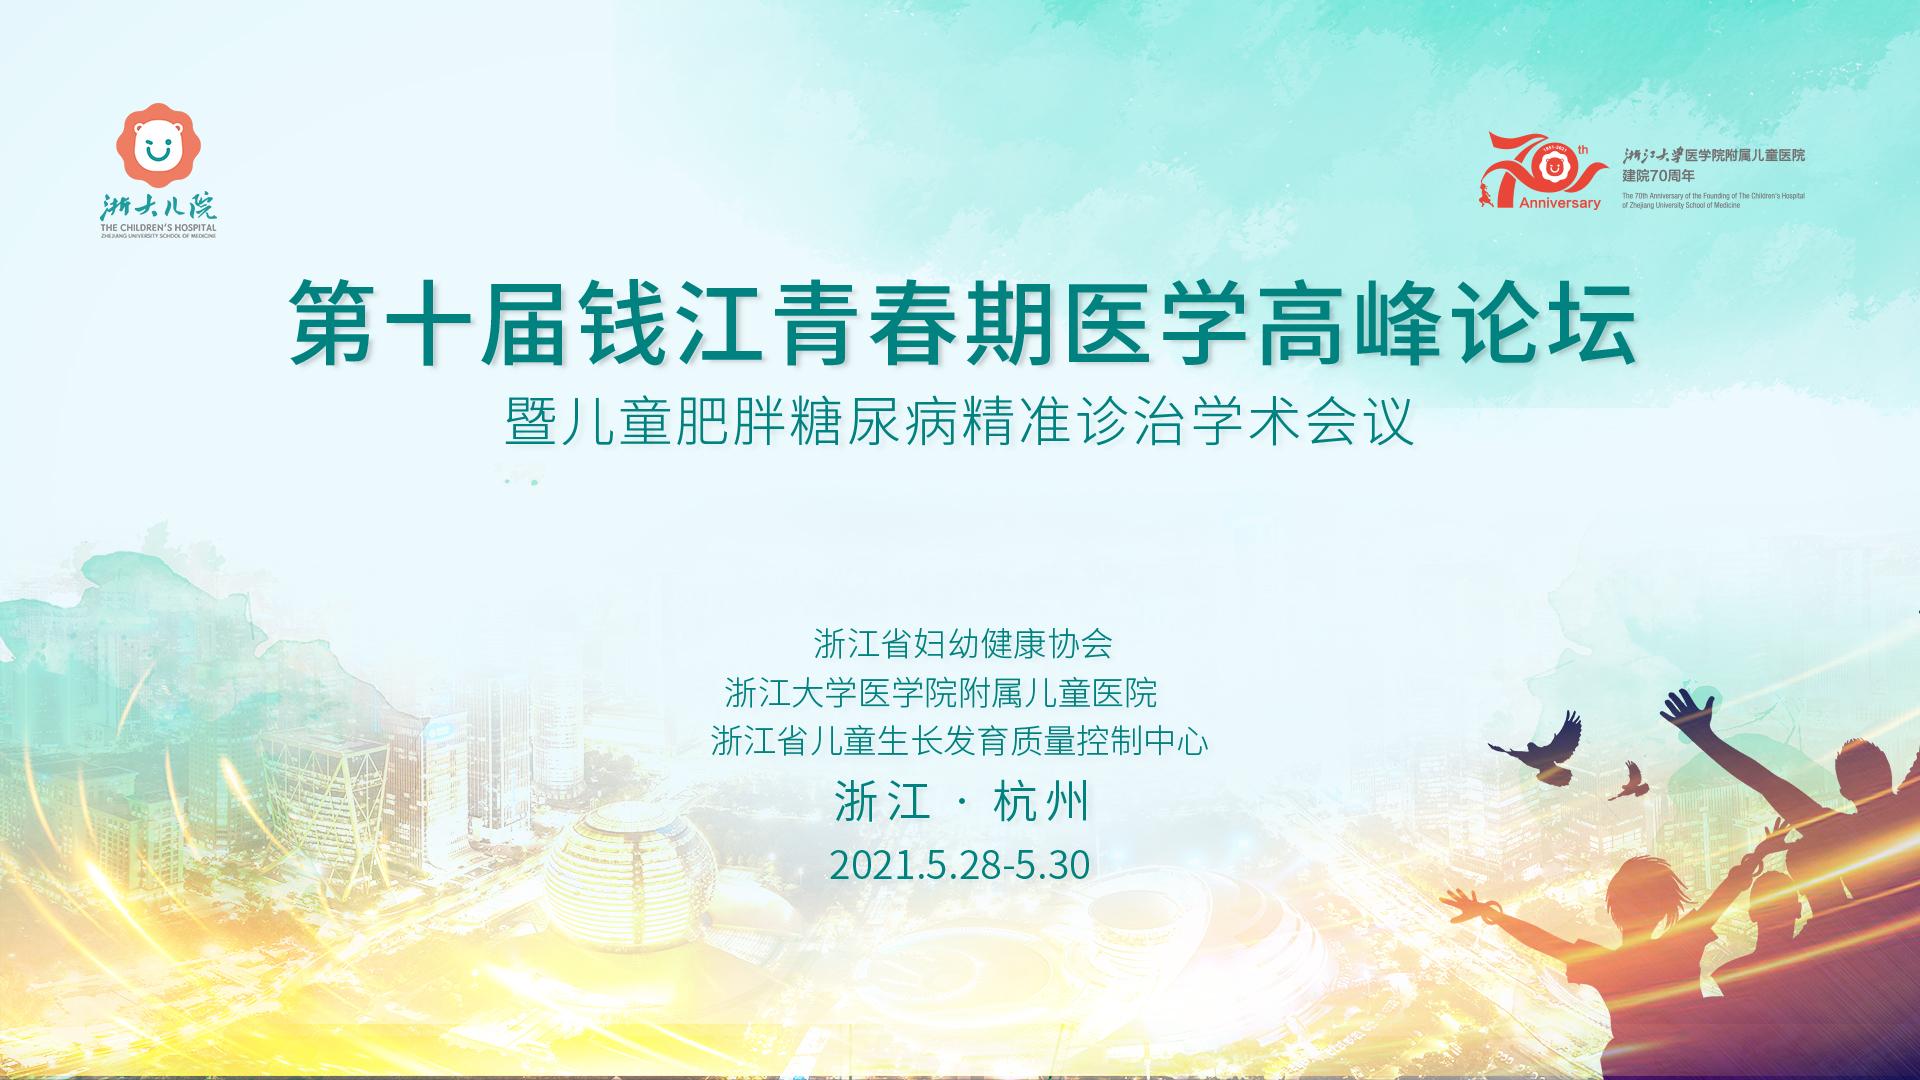 第十届钱江青春期医学高峰论坛